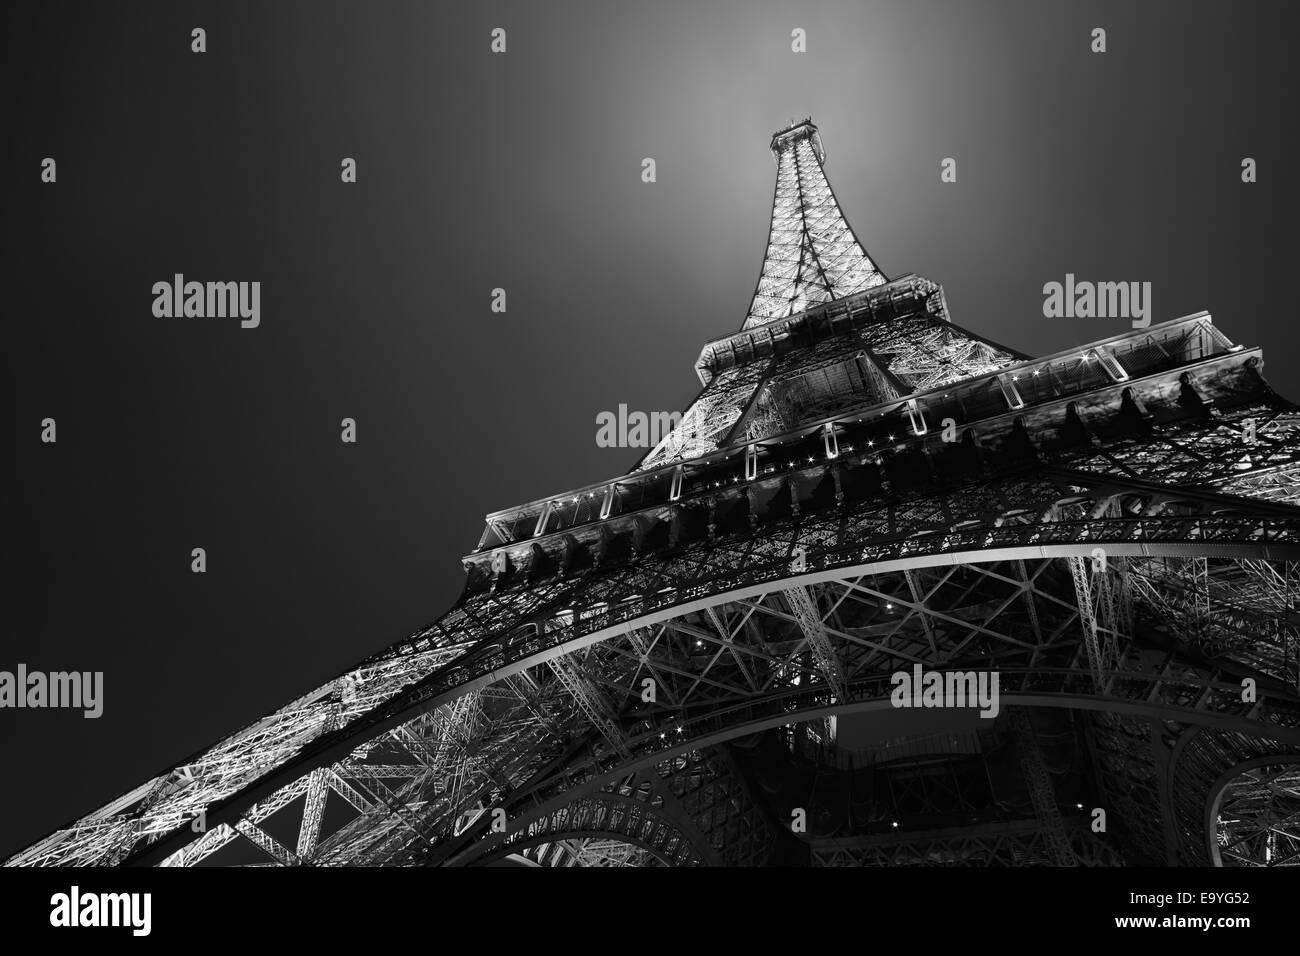 La Torre Eiffel a Parigi di notte in bianco e nero a basso angolo di visione Immagini Stock